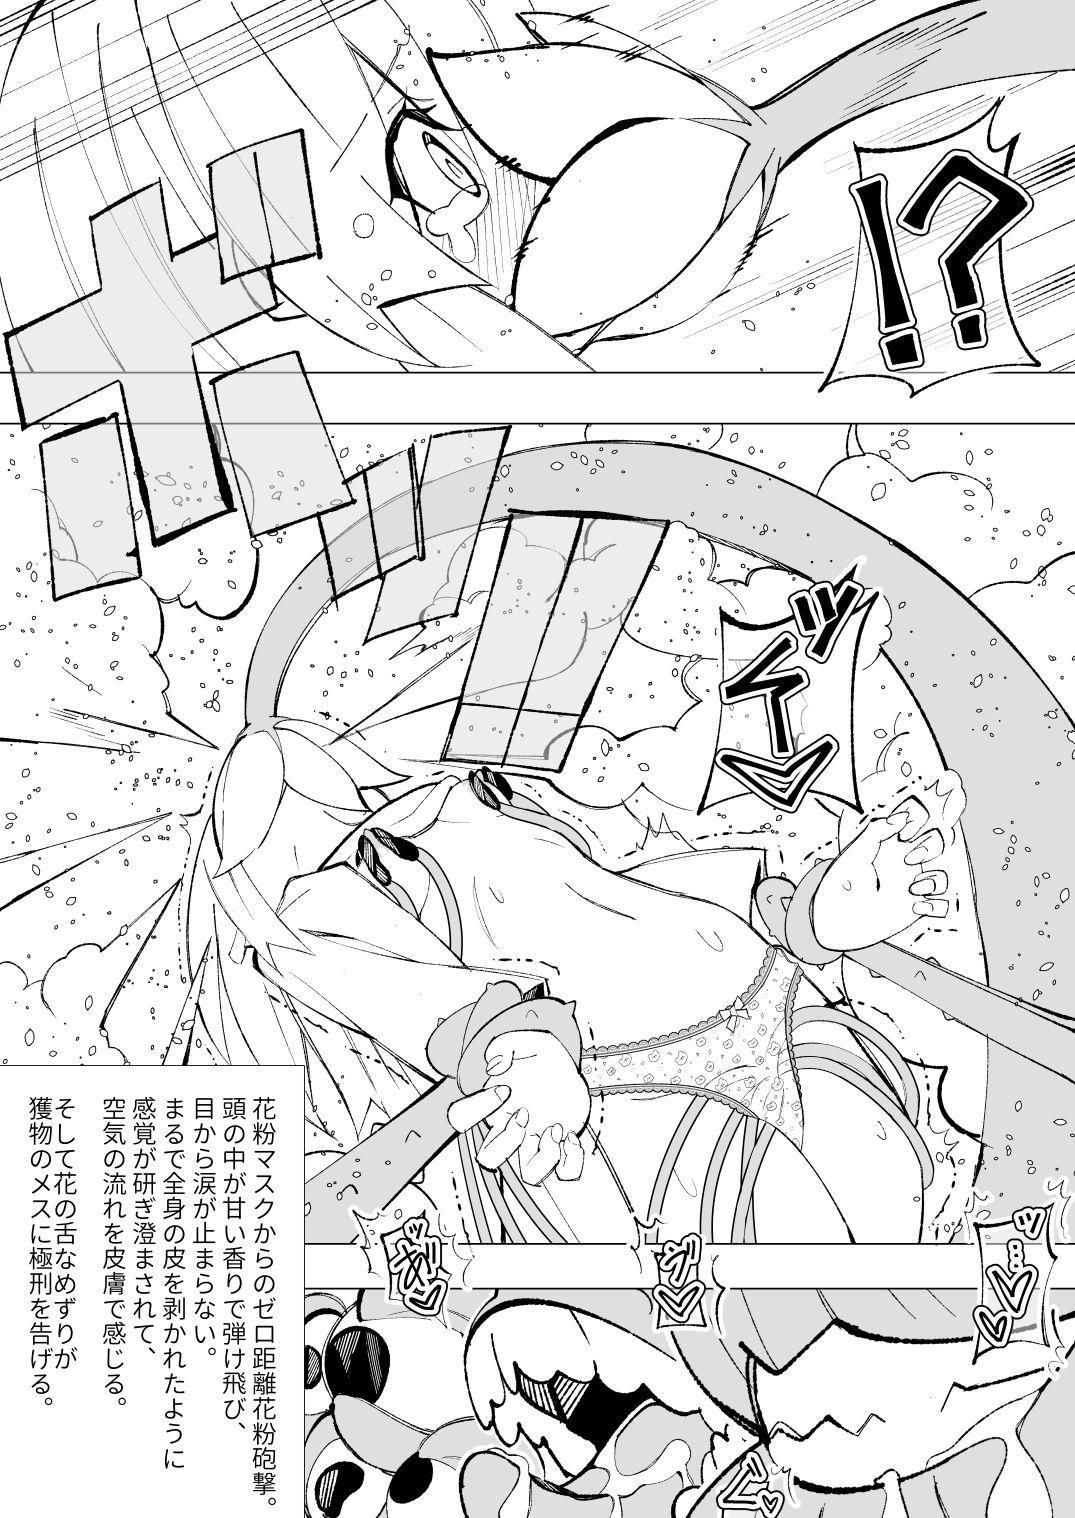 Ishu kan fūzoku-gai3 shokubutsu shokushu × rori 19